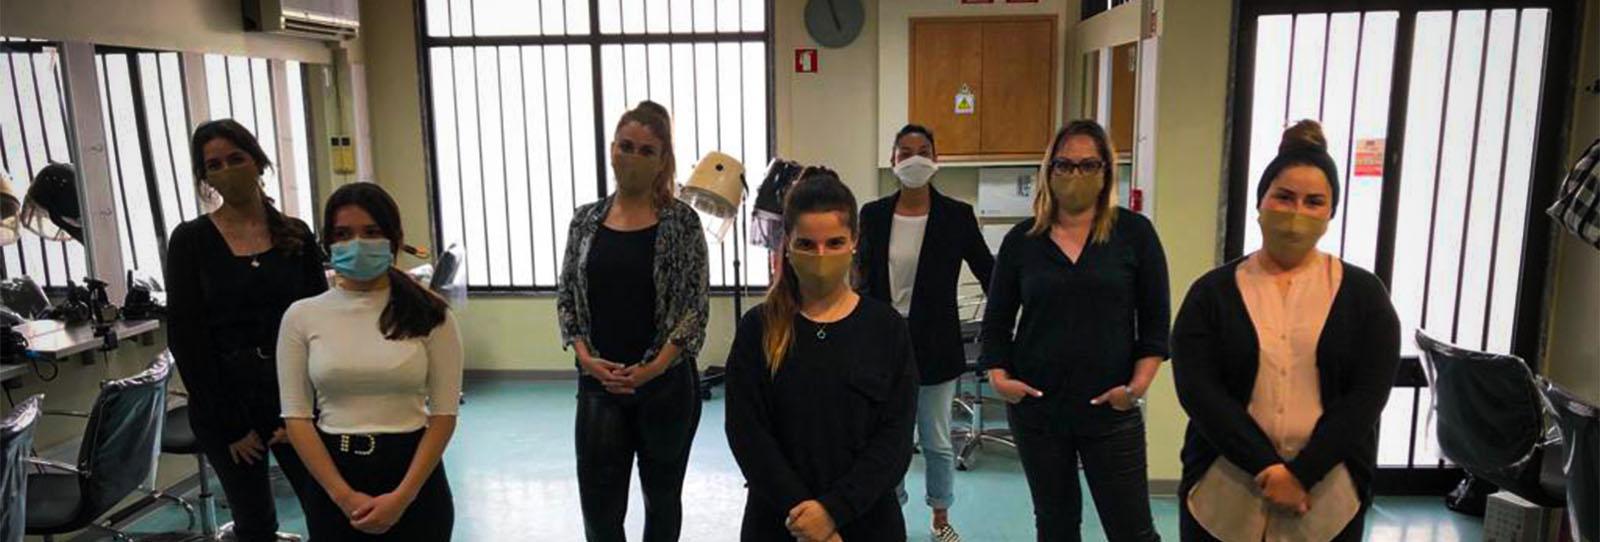 Parabéns às novas Cabeleireiras formadas na nossa Academia